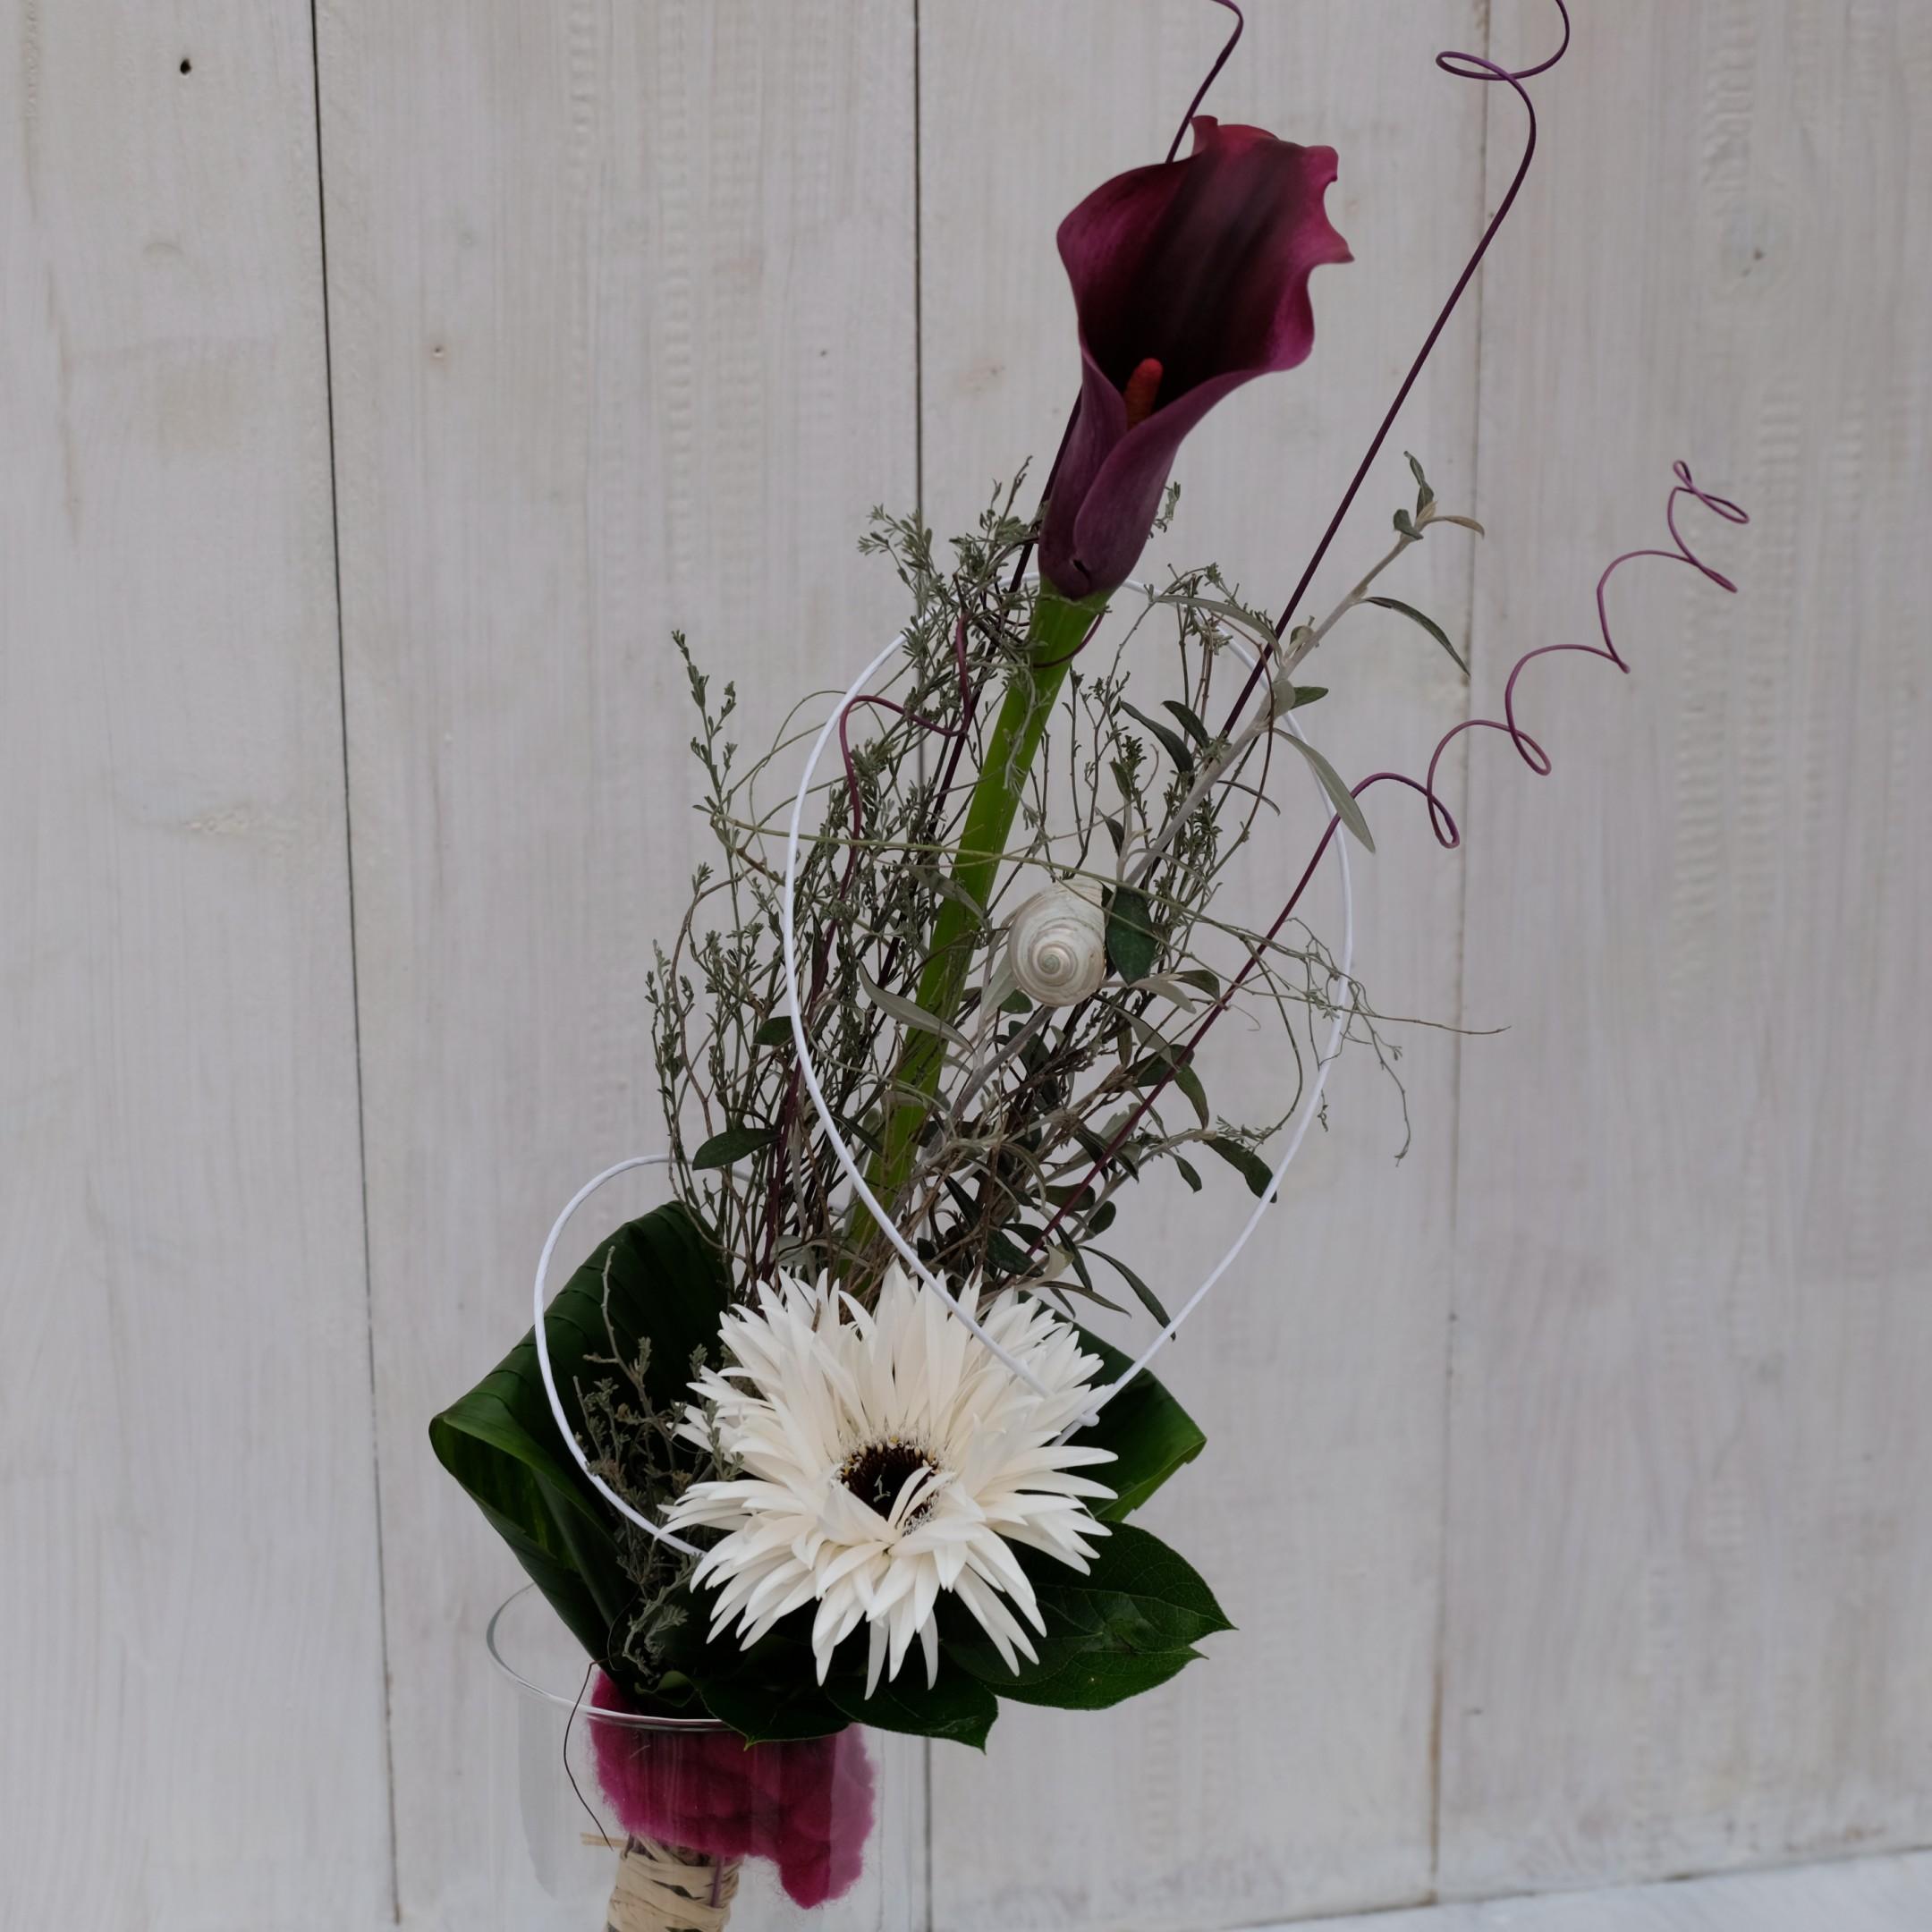 Blumengarten Bild 4